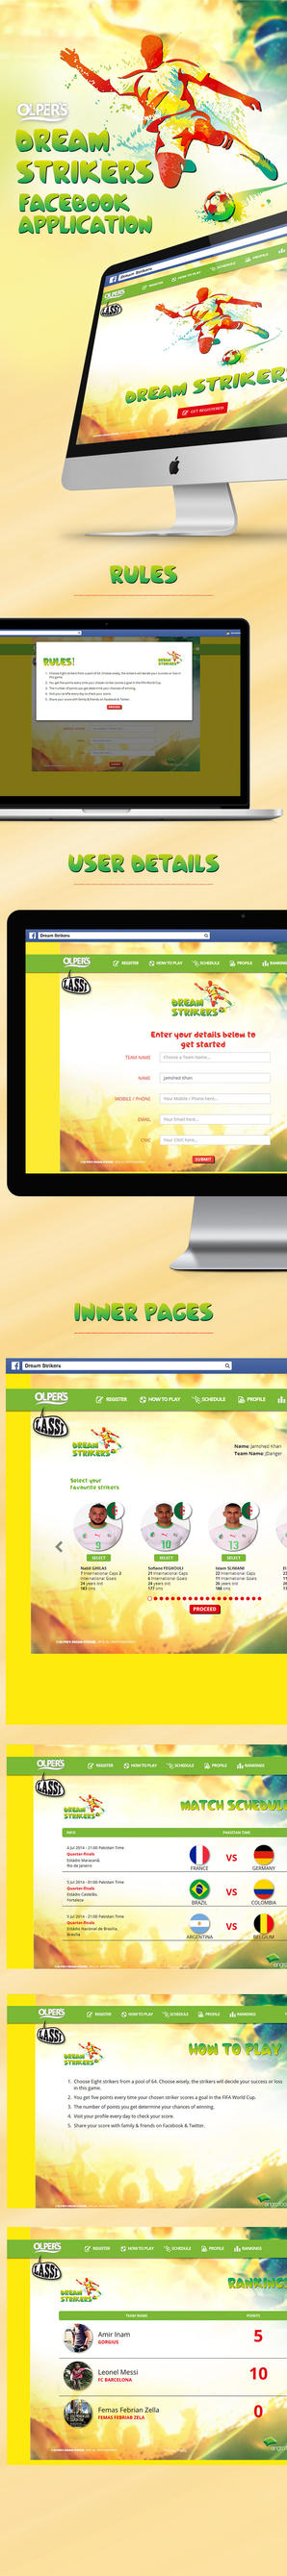 OLPER'S Dream Strikers Facebook App by Jamedkhan